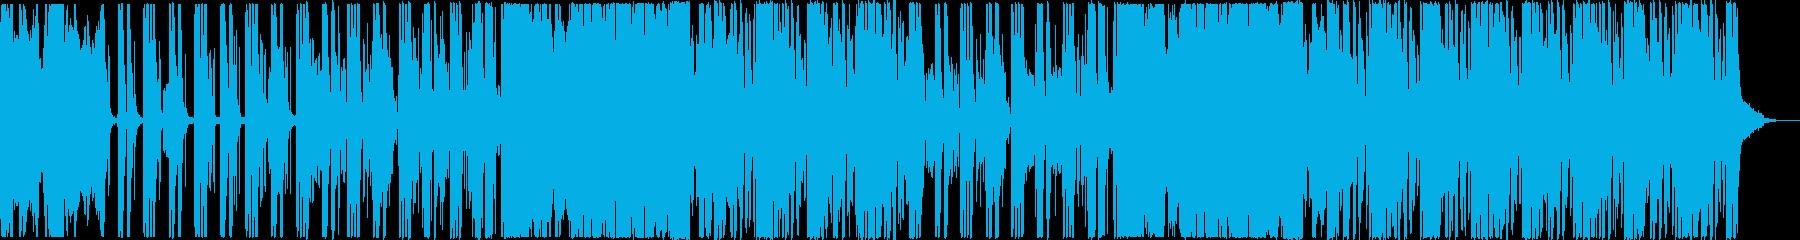 爽やかで夏っぽいおしゃれなEDMの再生済みの波形